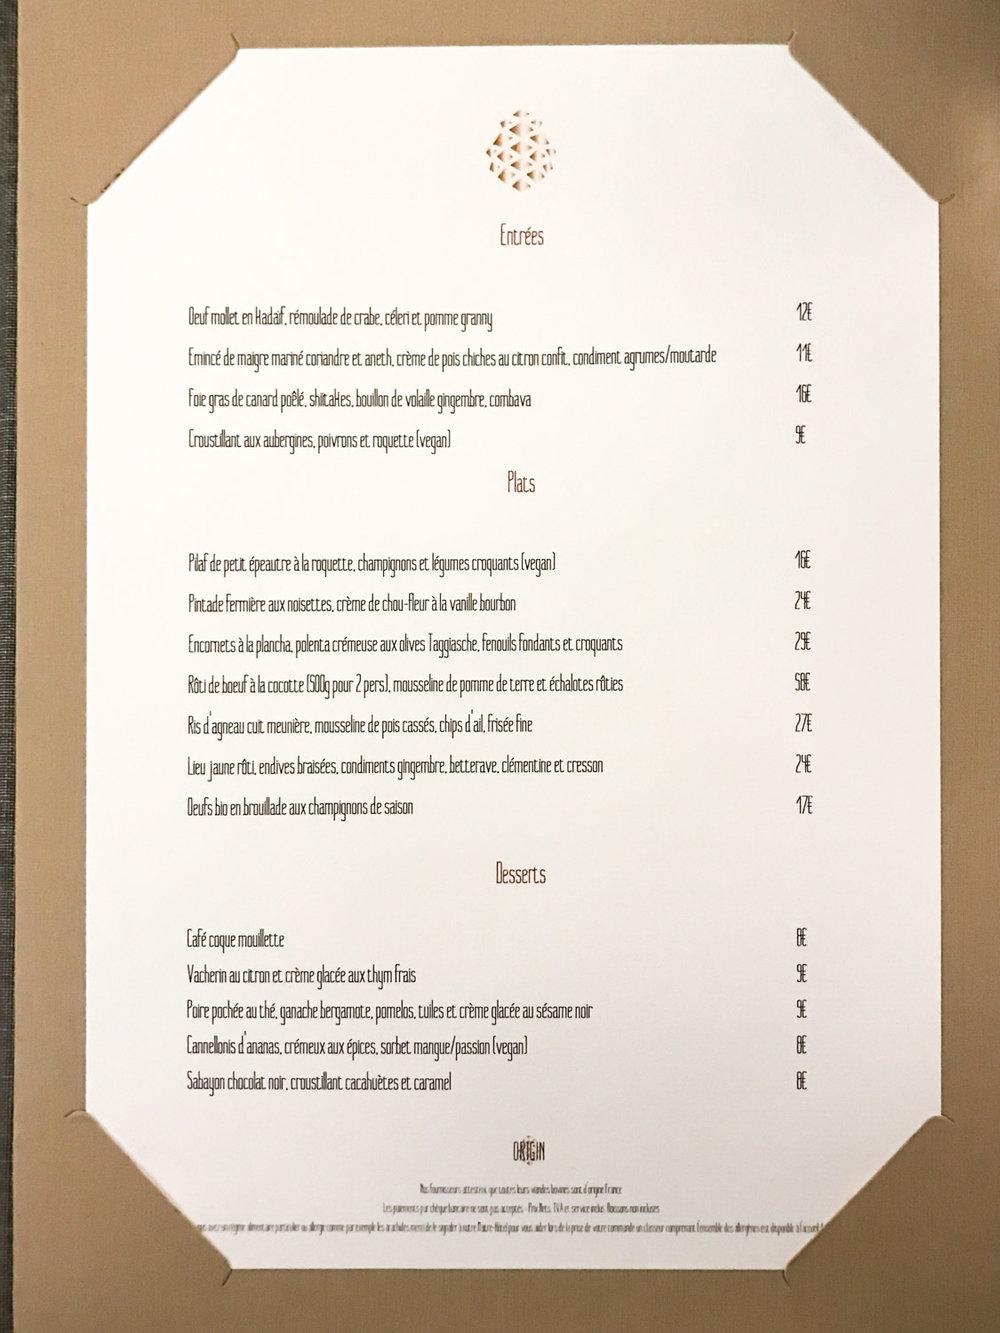 Menu du ORIGIN Restaurant au Renaissance Paris République -Toutes les photos sont sous Copyright © 2017 Jeff Frenette Photography / dezjeff. Pour utilisation des photos, me contacter au dezjeff@me.com